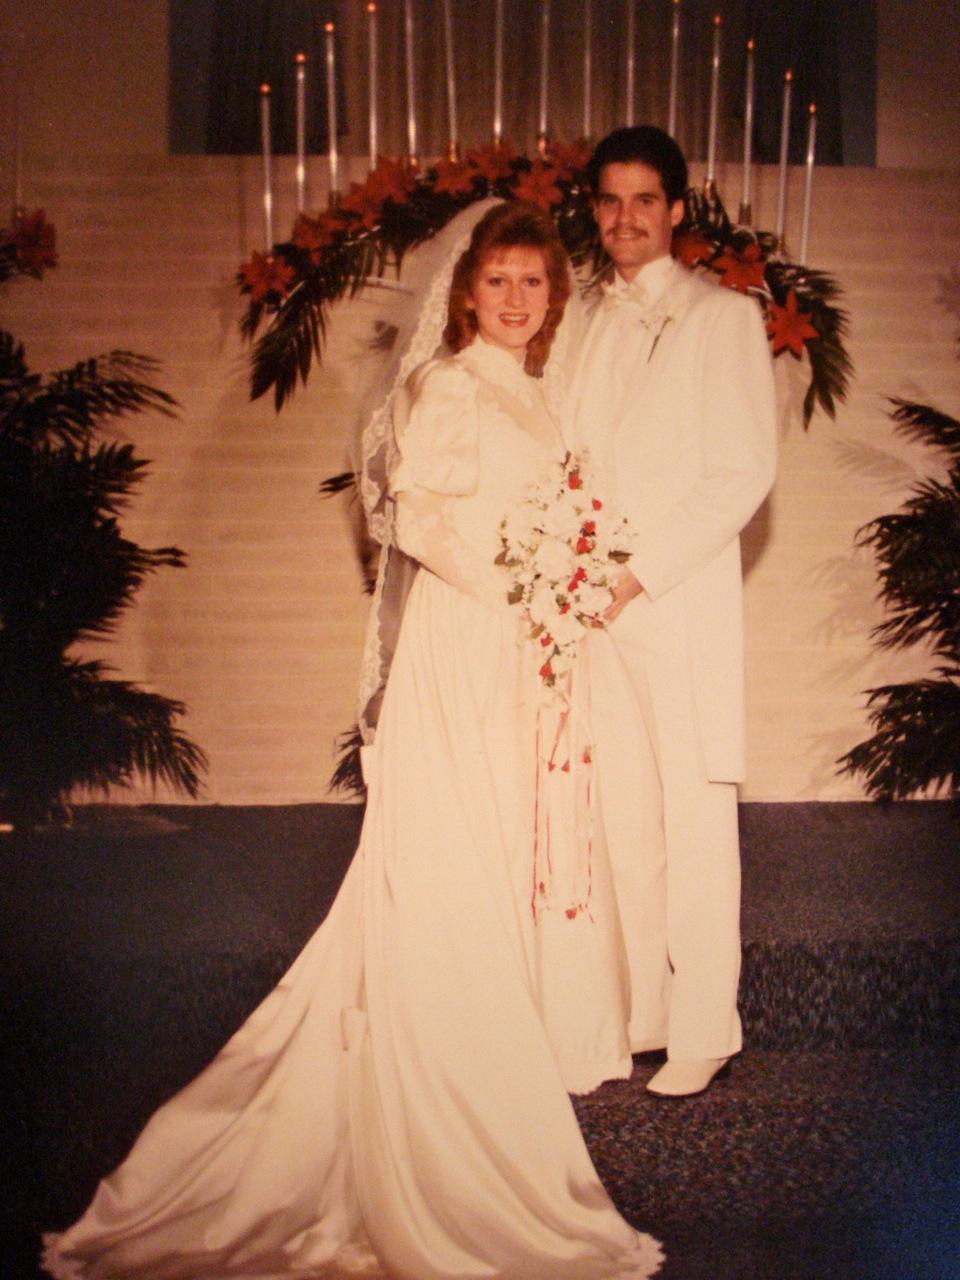 Beautiful brides tamera alexander rachel hauck for The wedding dress rachel hauck